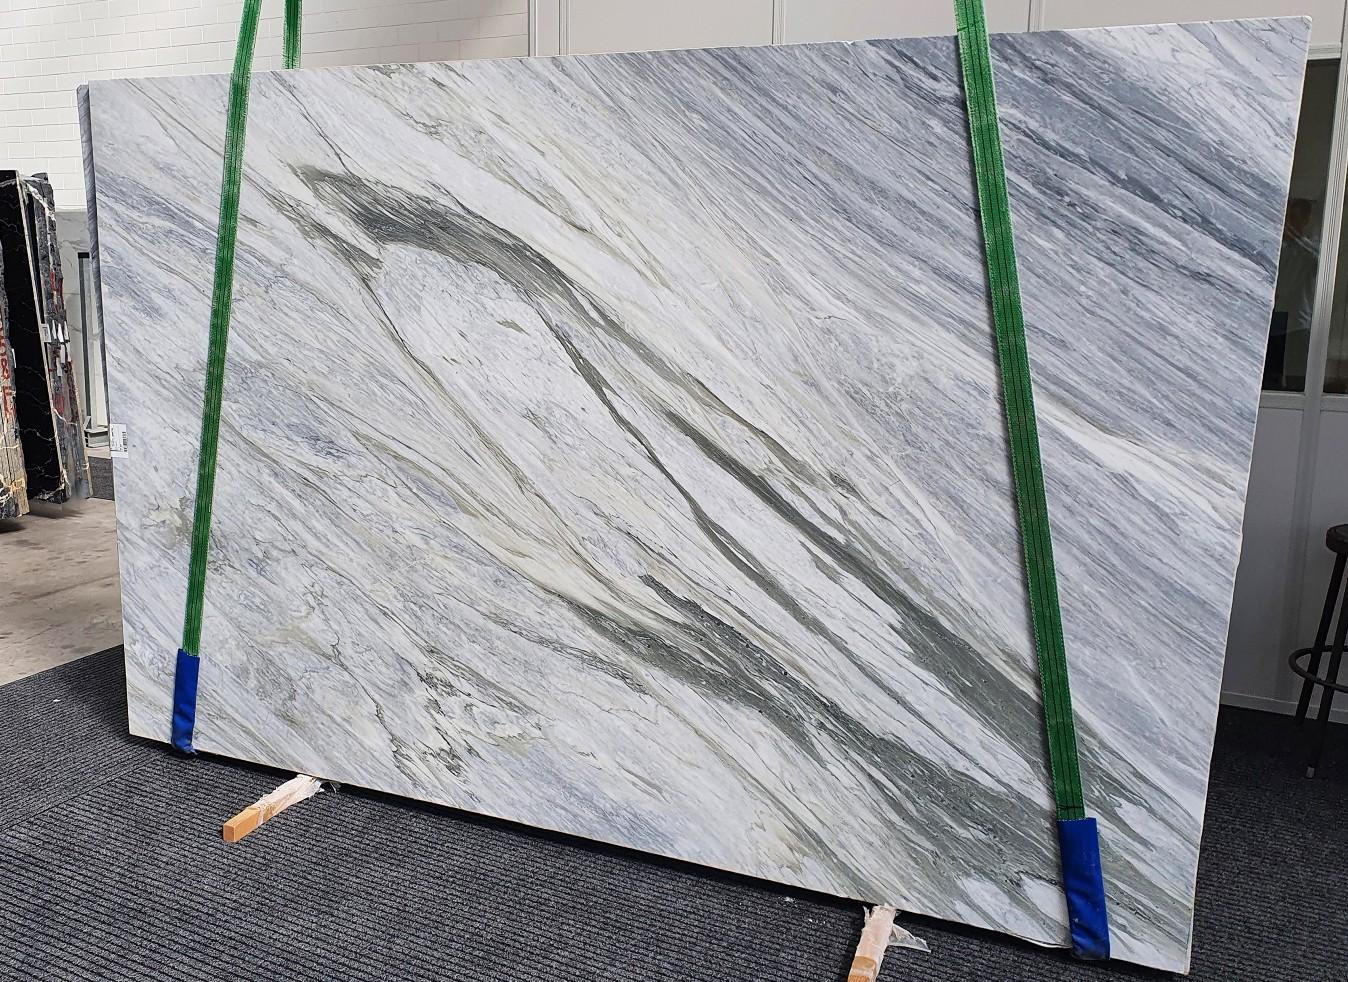 MANHATTAN GREY geschliffene Unmaßplatten 1357 aus Natur Marmor , Slab #16: Lieferung Veneto, Italien